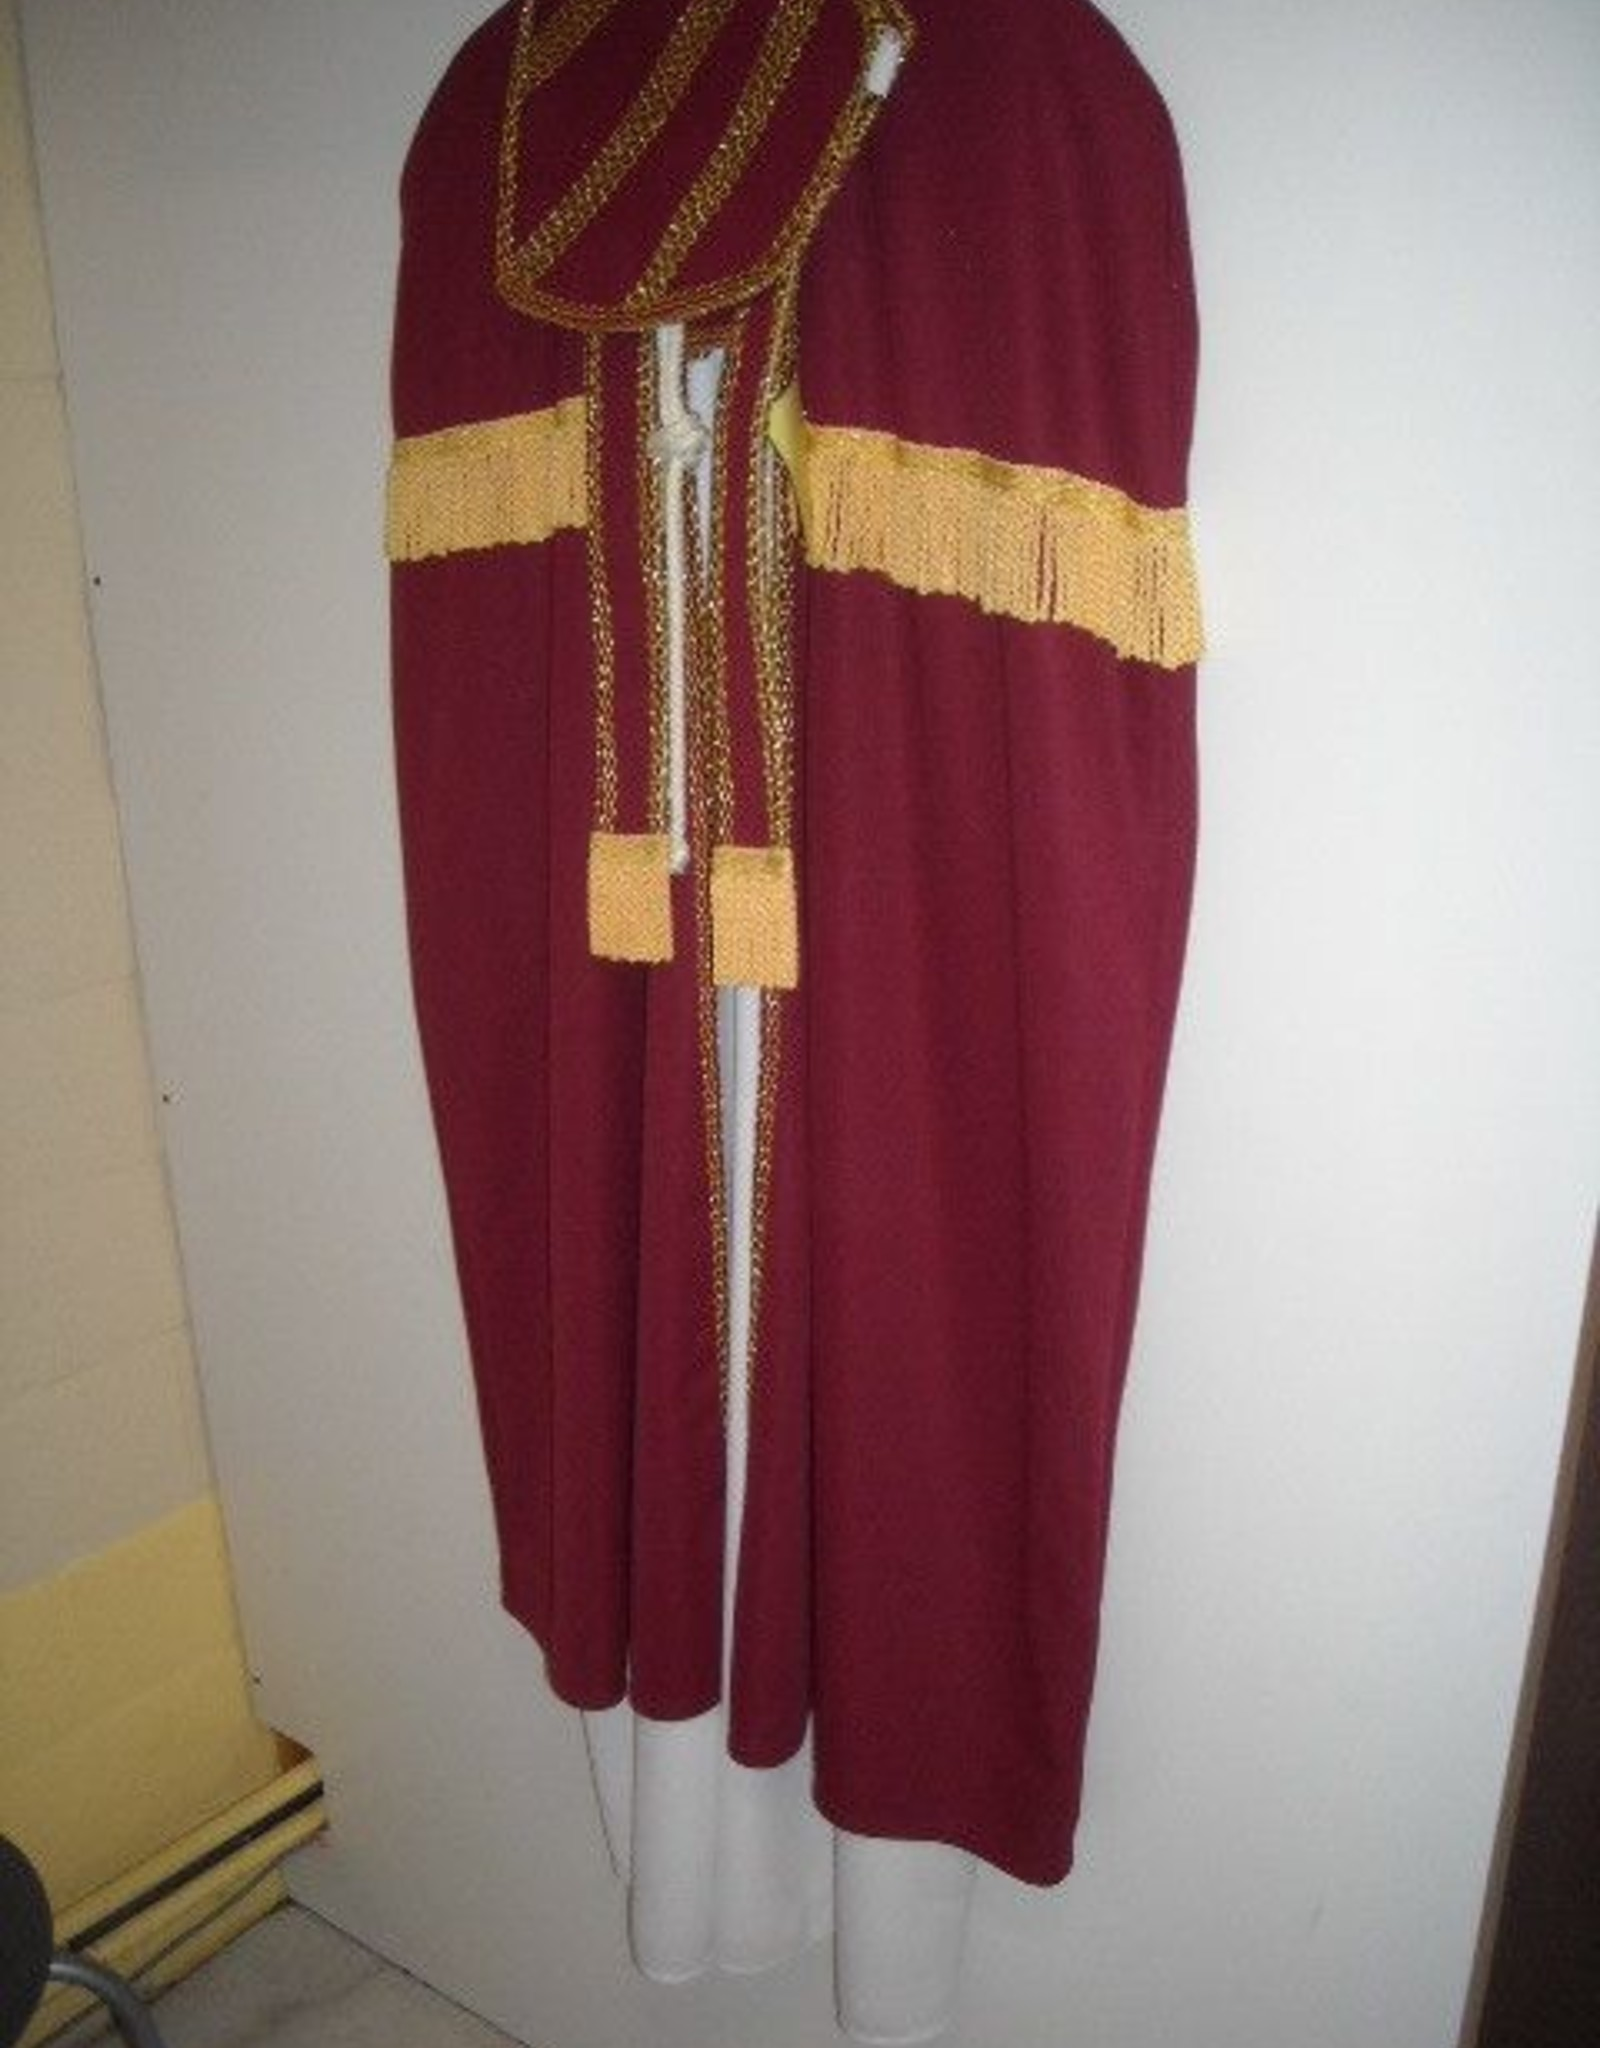 Wimmers sint kind met kleed 140 huurprijs 20